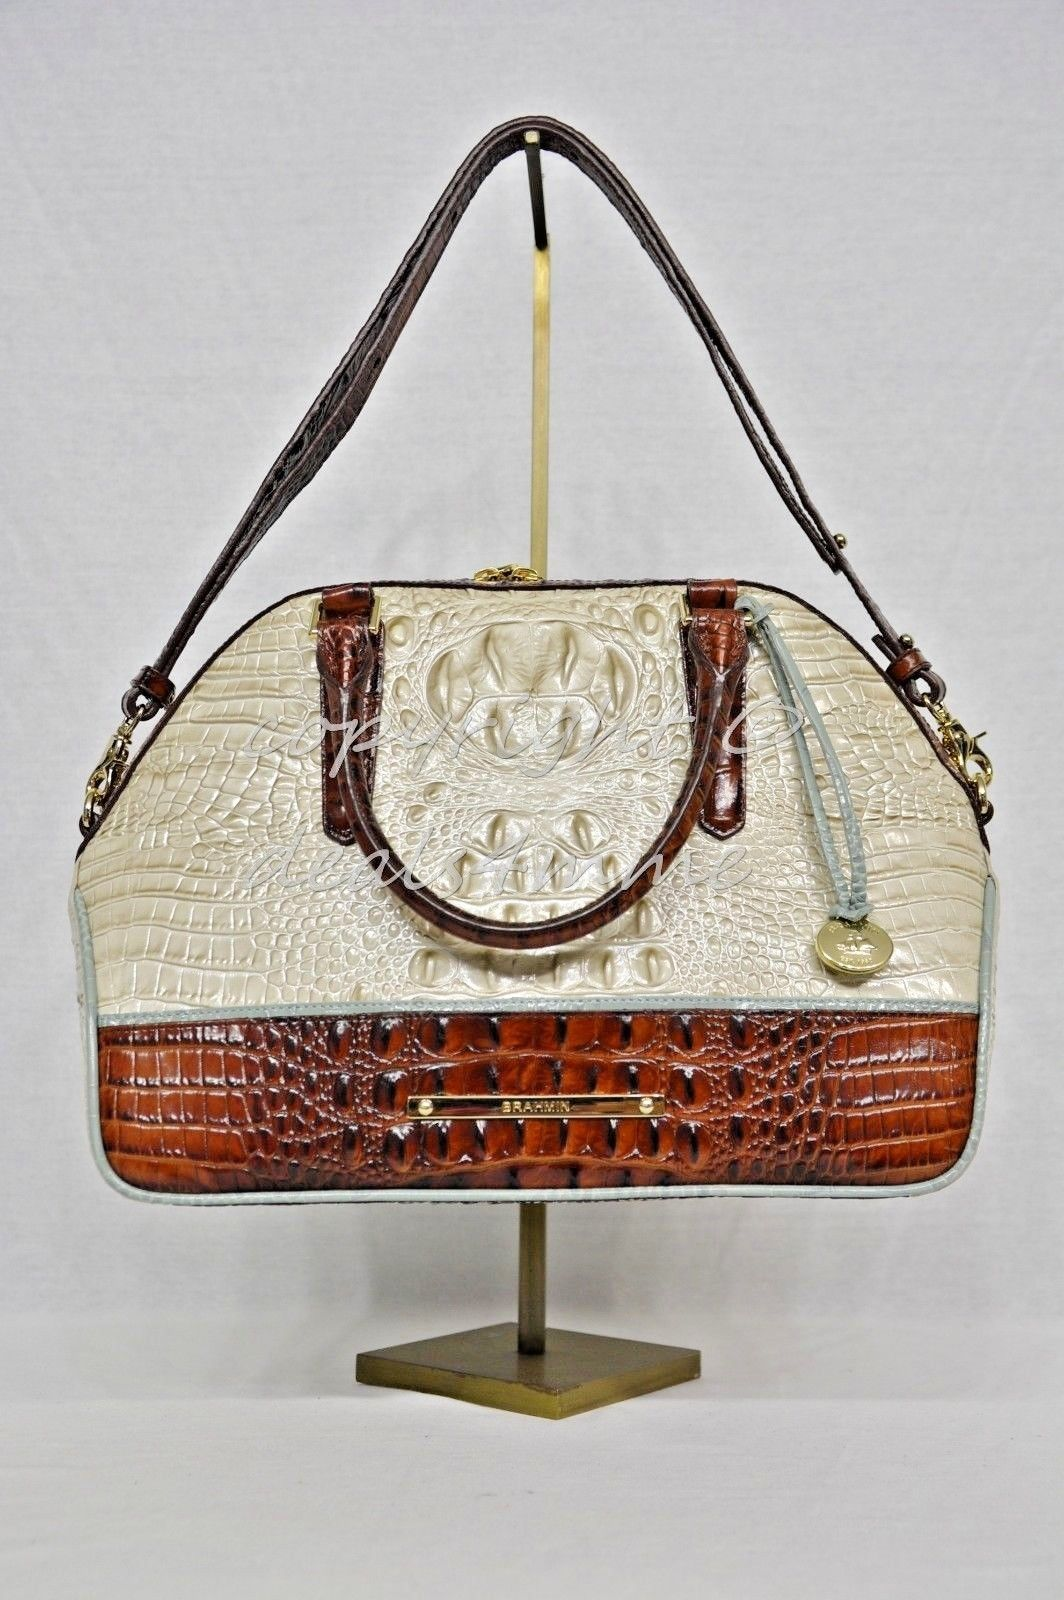 NWT Brahmin Hudson Satchel/Shoulder Bag in Linen Tri-Texture Beige, Pecan & Teal image 4